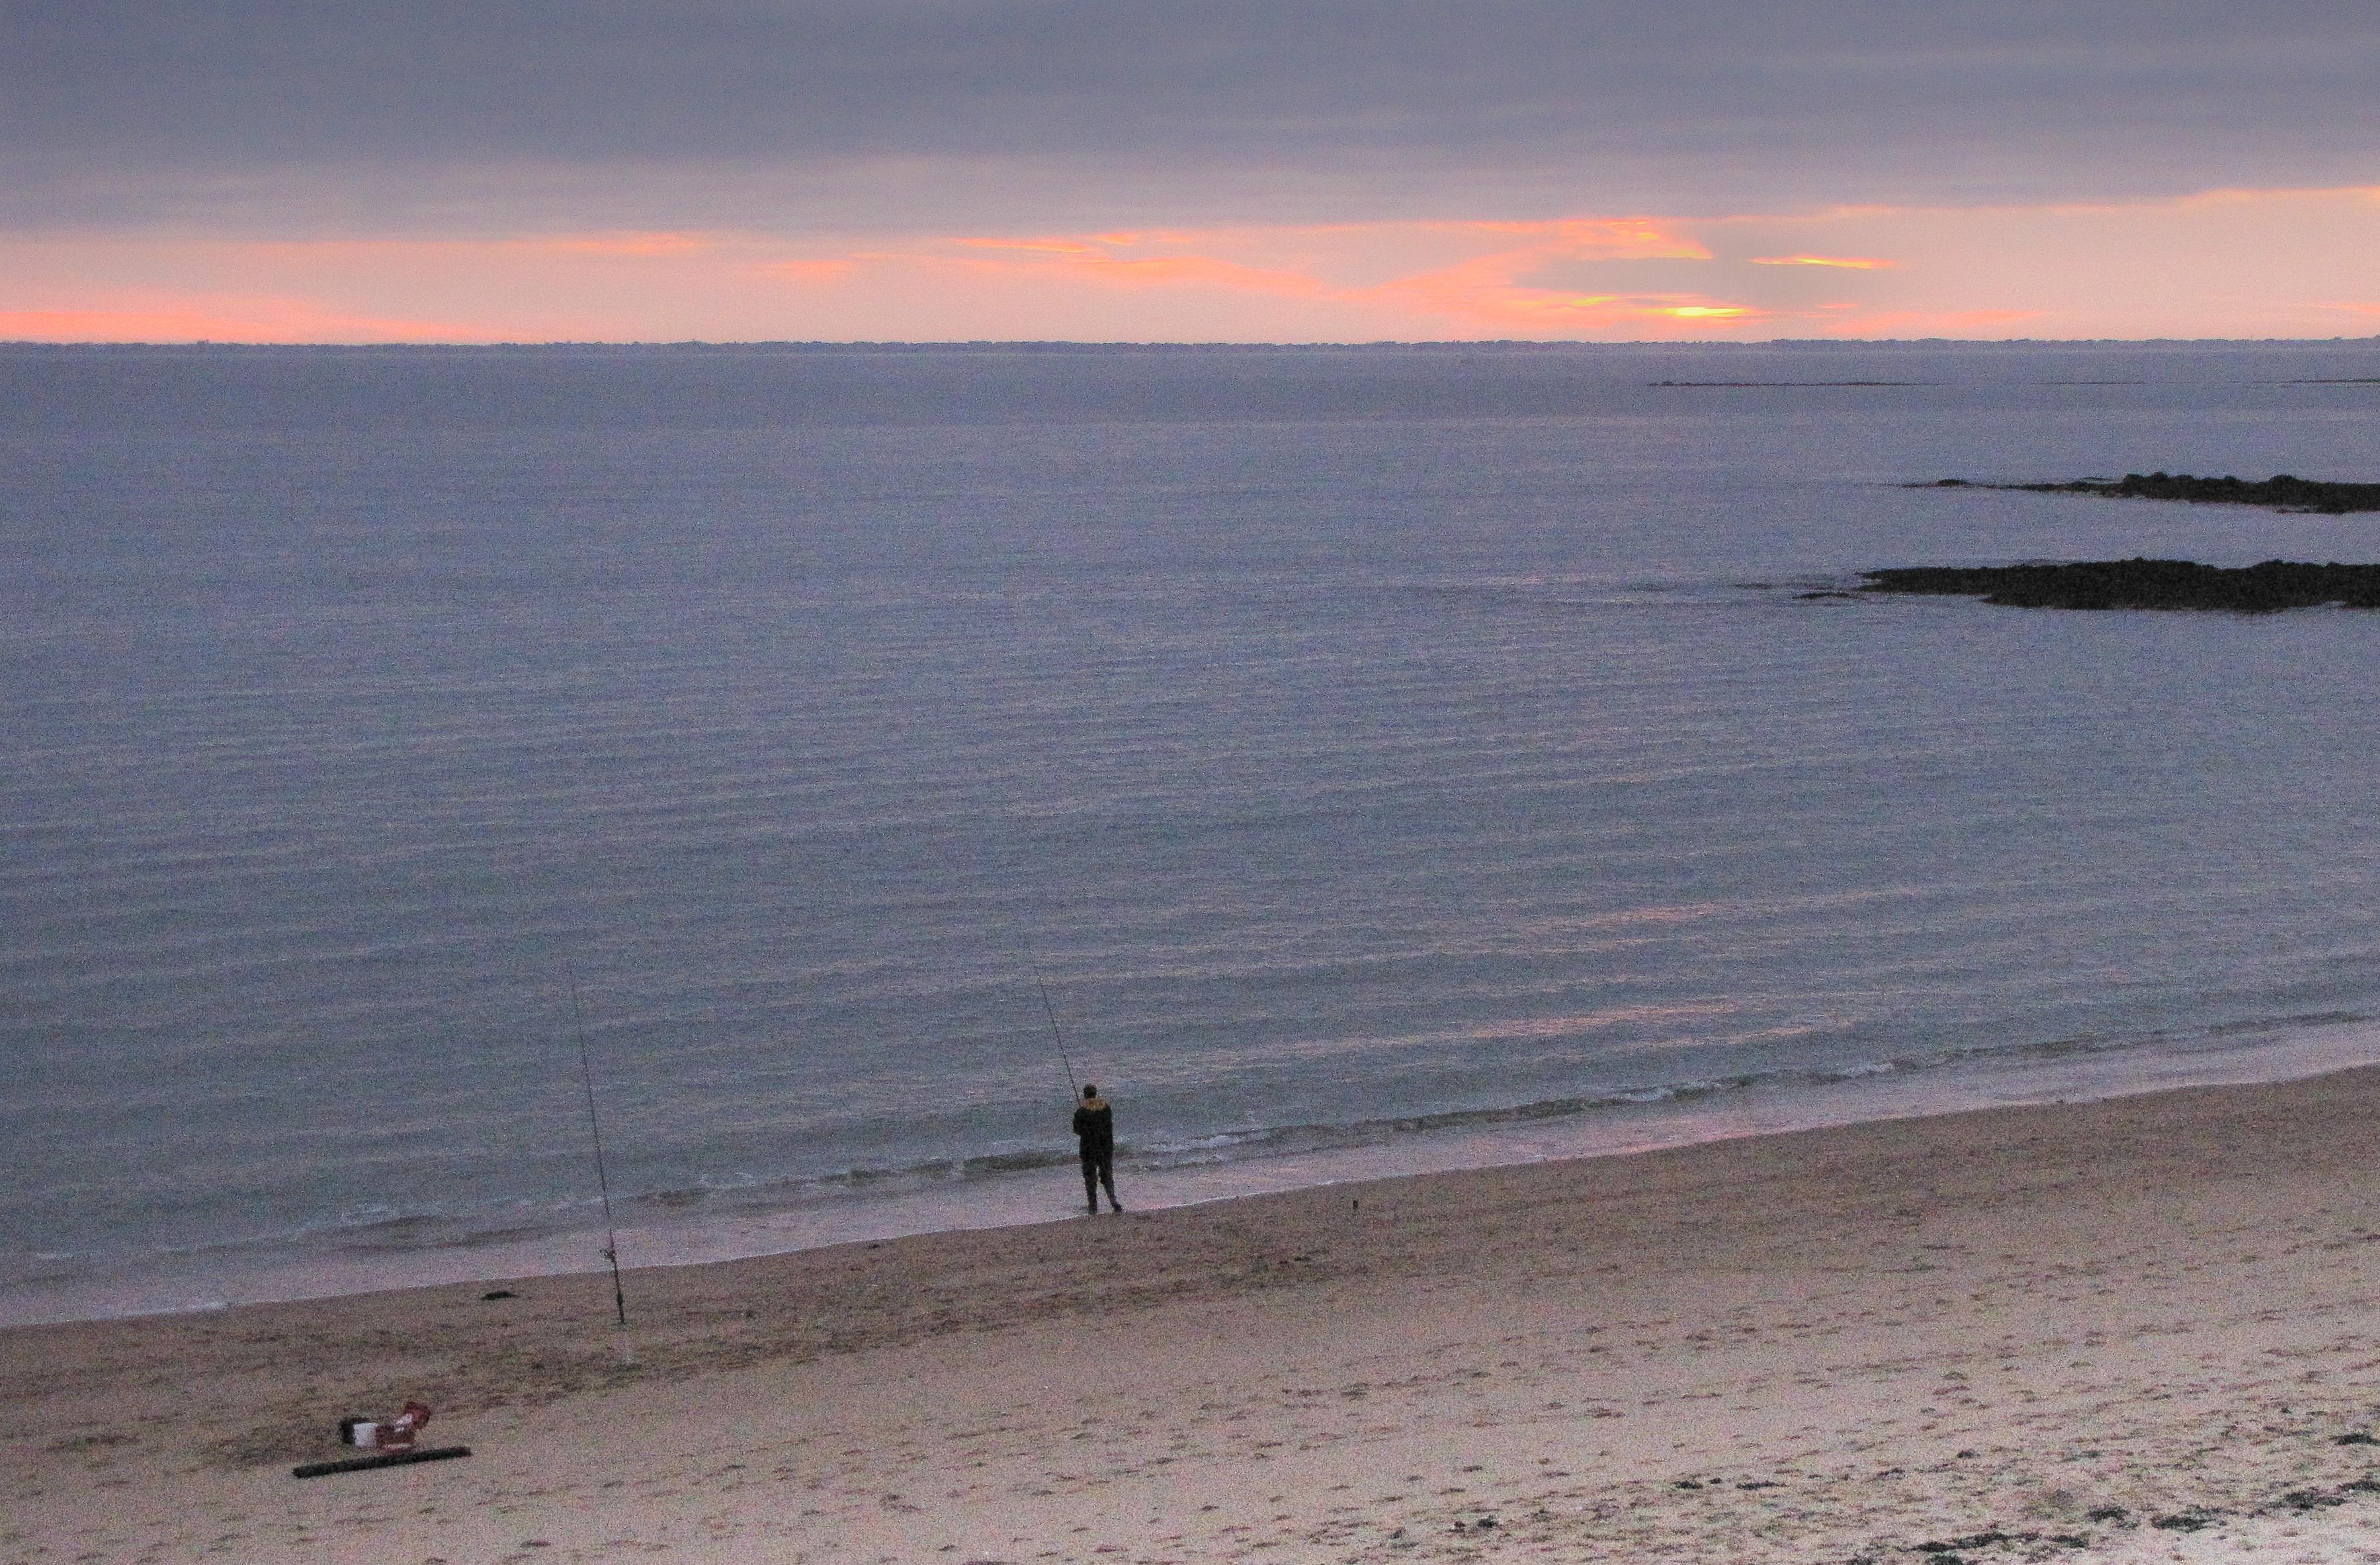 le surfcasteur solitaire, 28 oct 09, 19h06, st pierre (1 sur 1).jpg